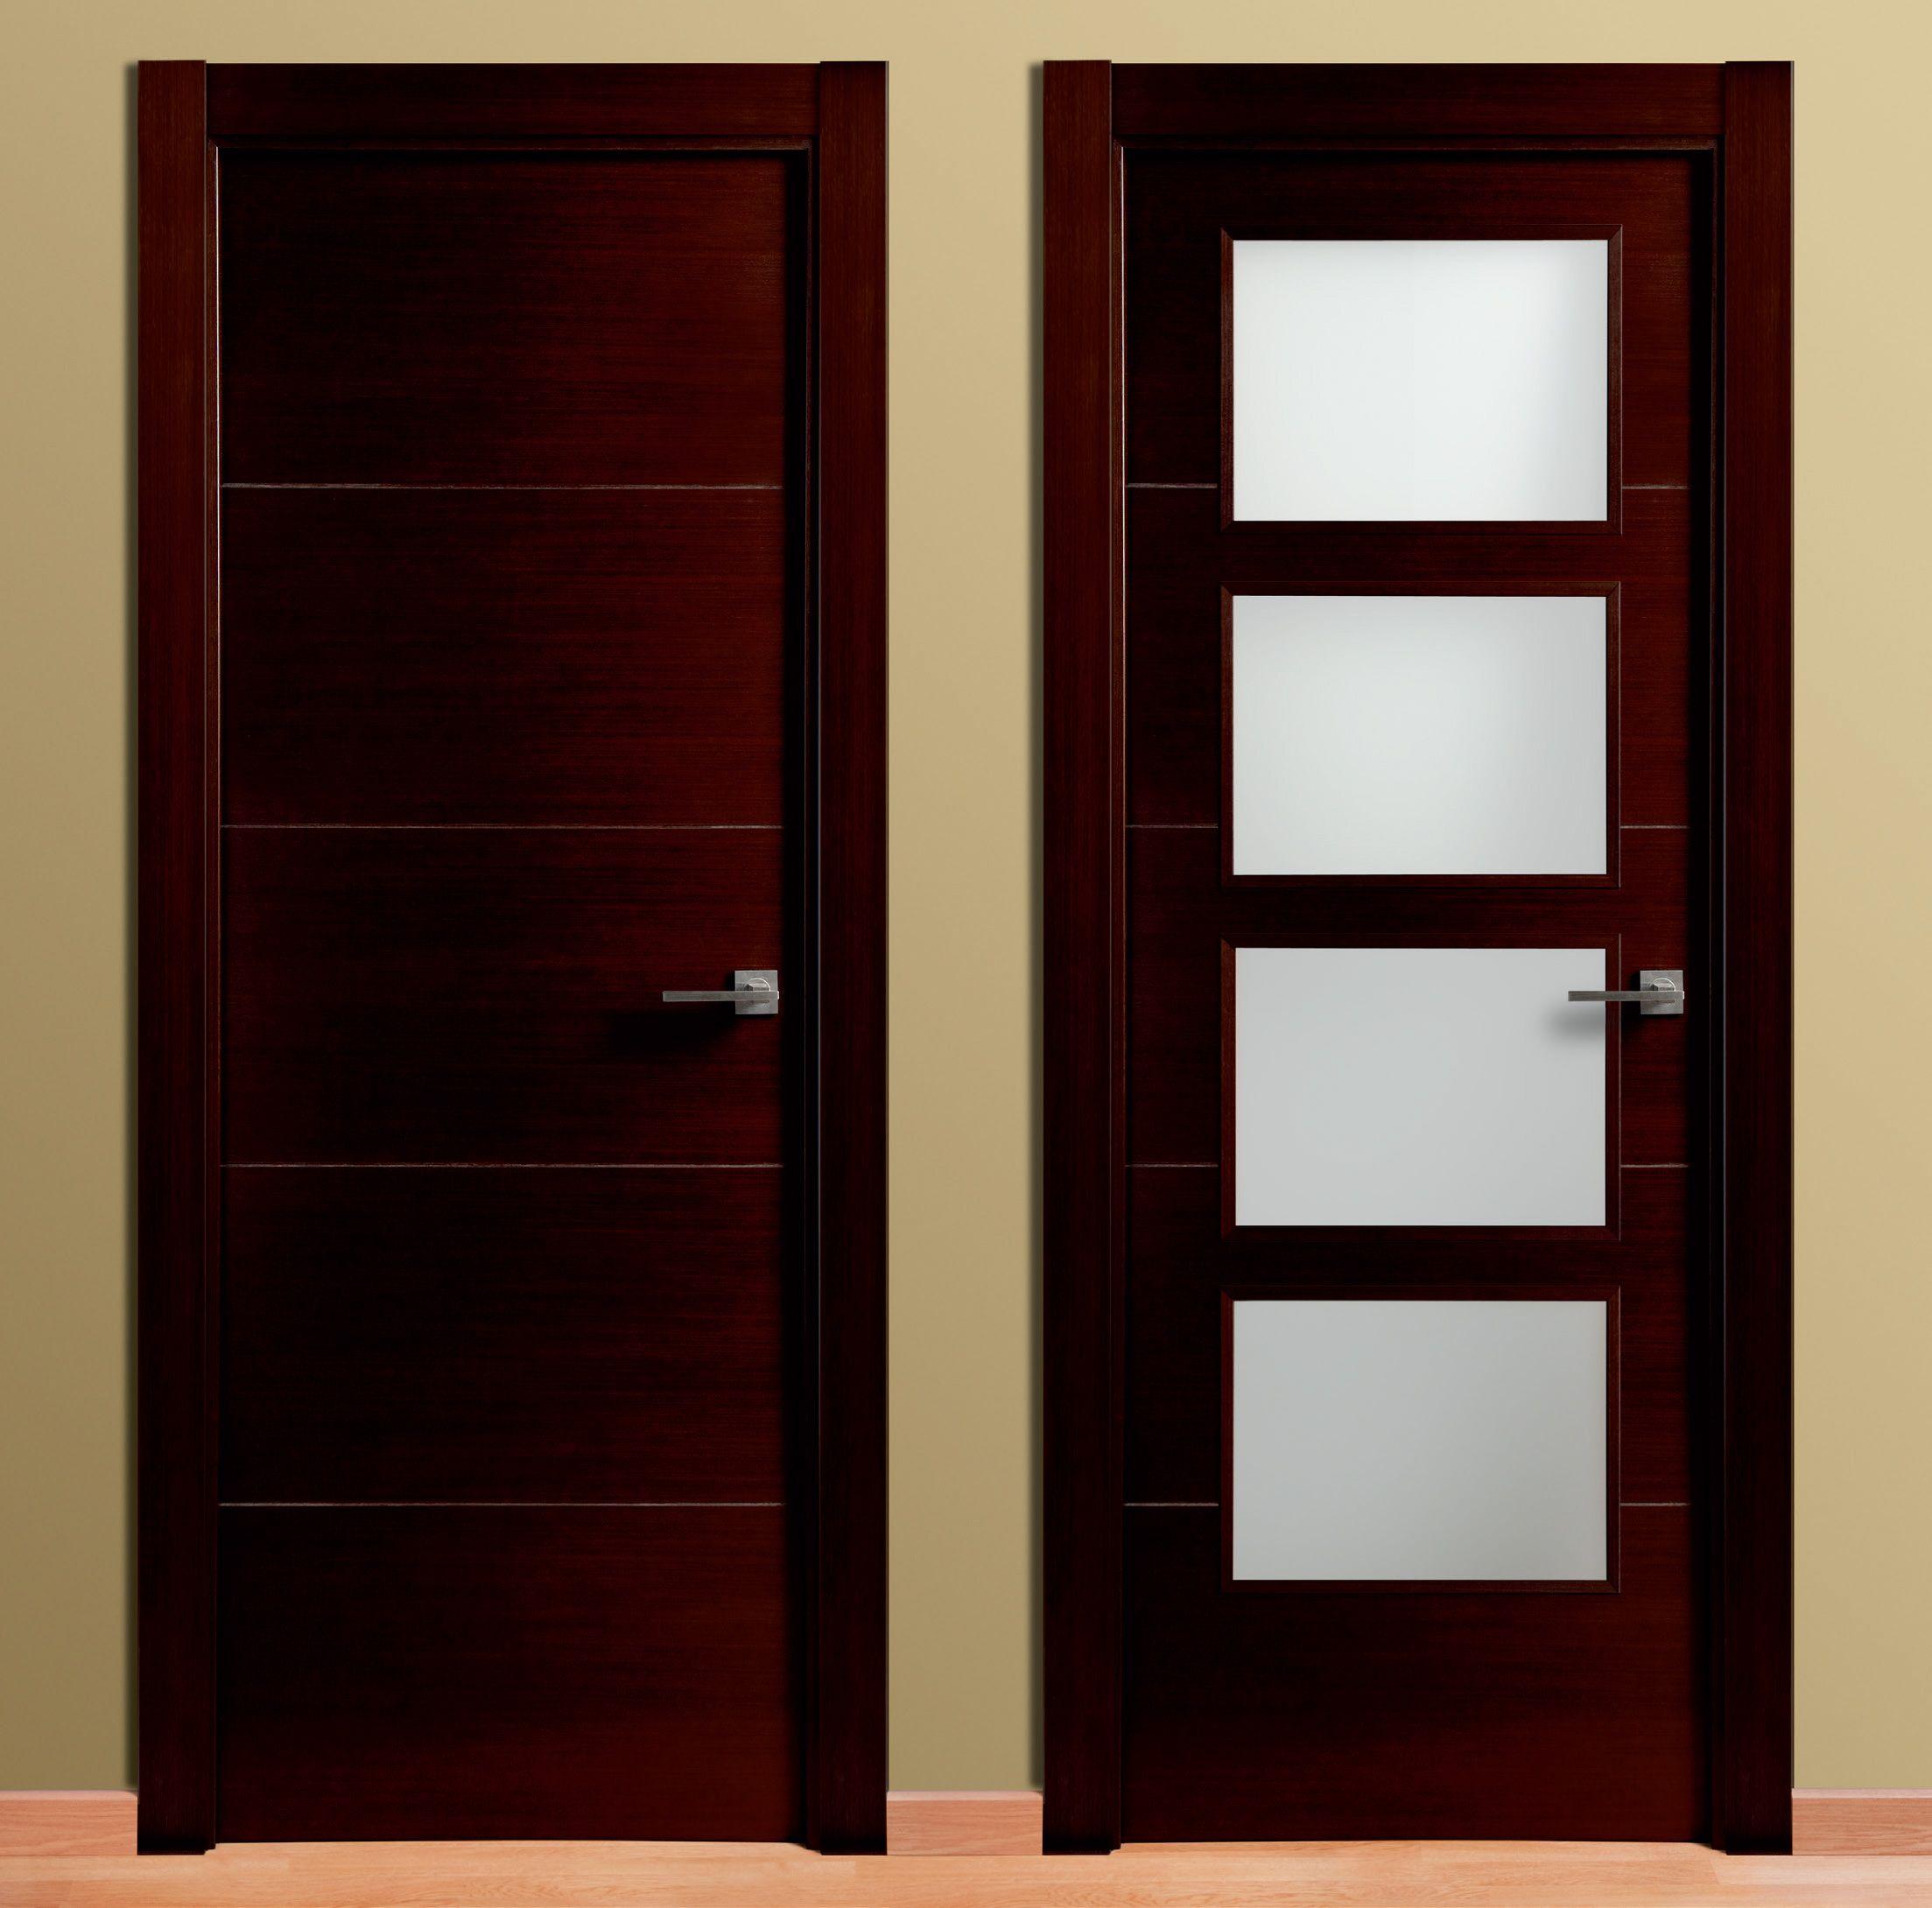 Puerta 4 ranuras en madera puertas carsal socios aitim for Precios en puertas de madera